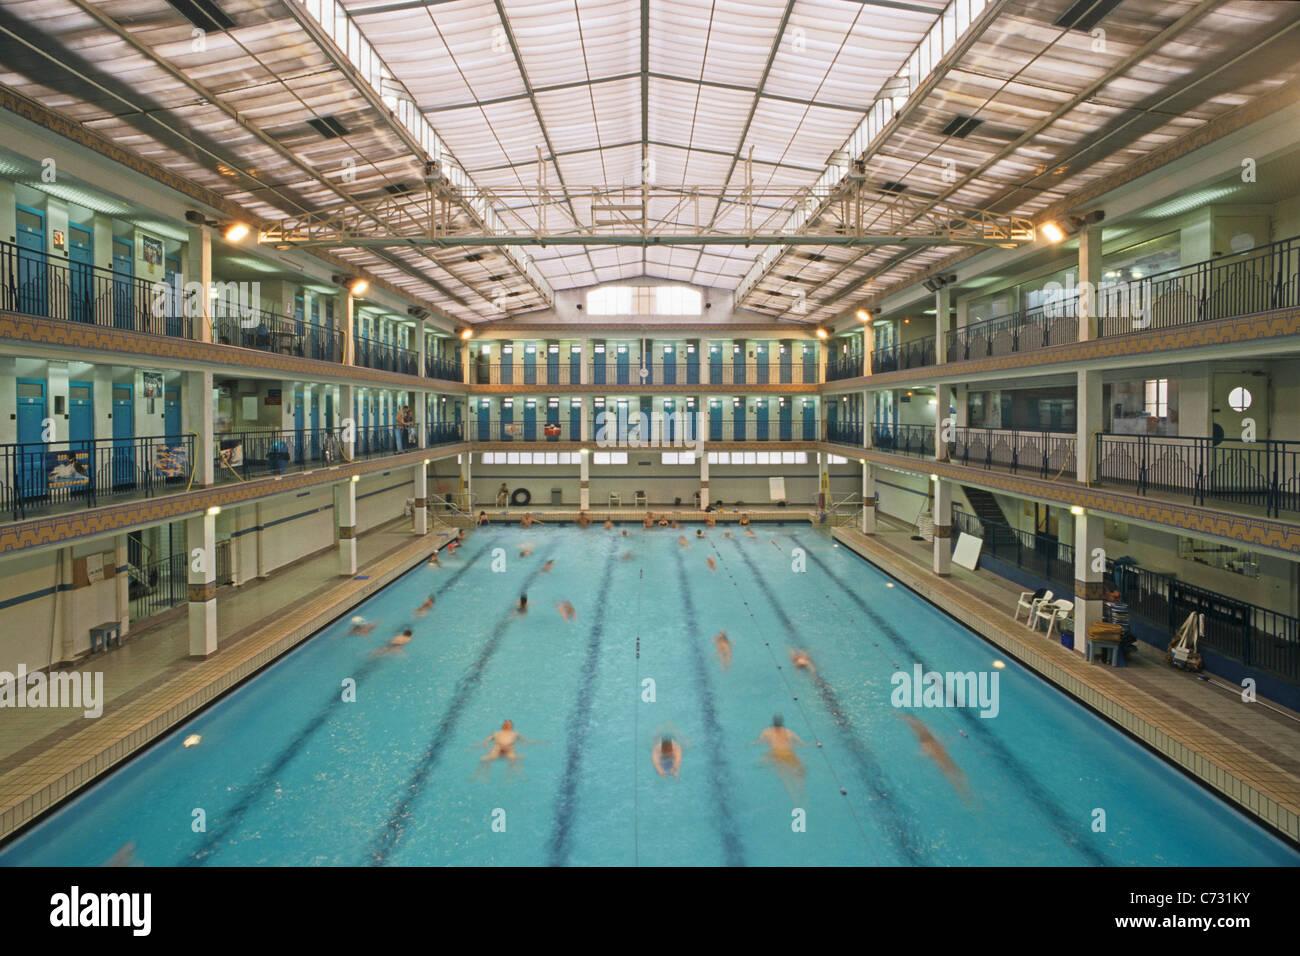 Swimming Pool Piscine Pontoise Architect Lucien Pollet 1930s Art Deco In The  Kieslowski Film Bleu 5e Arrondissement Paris France